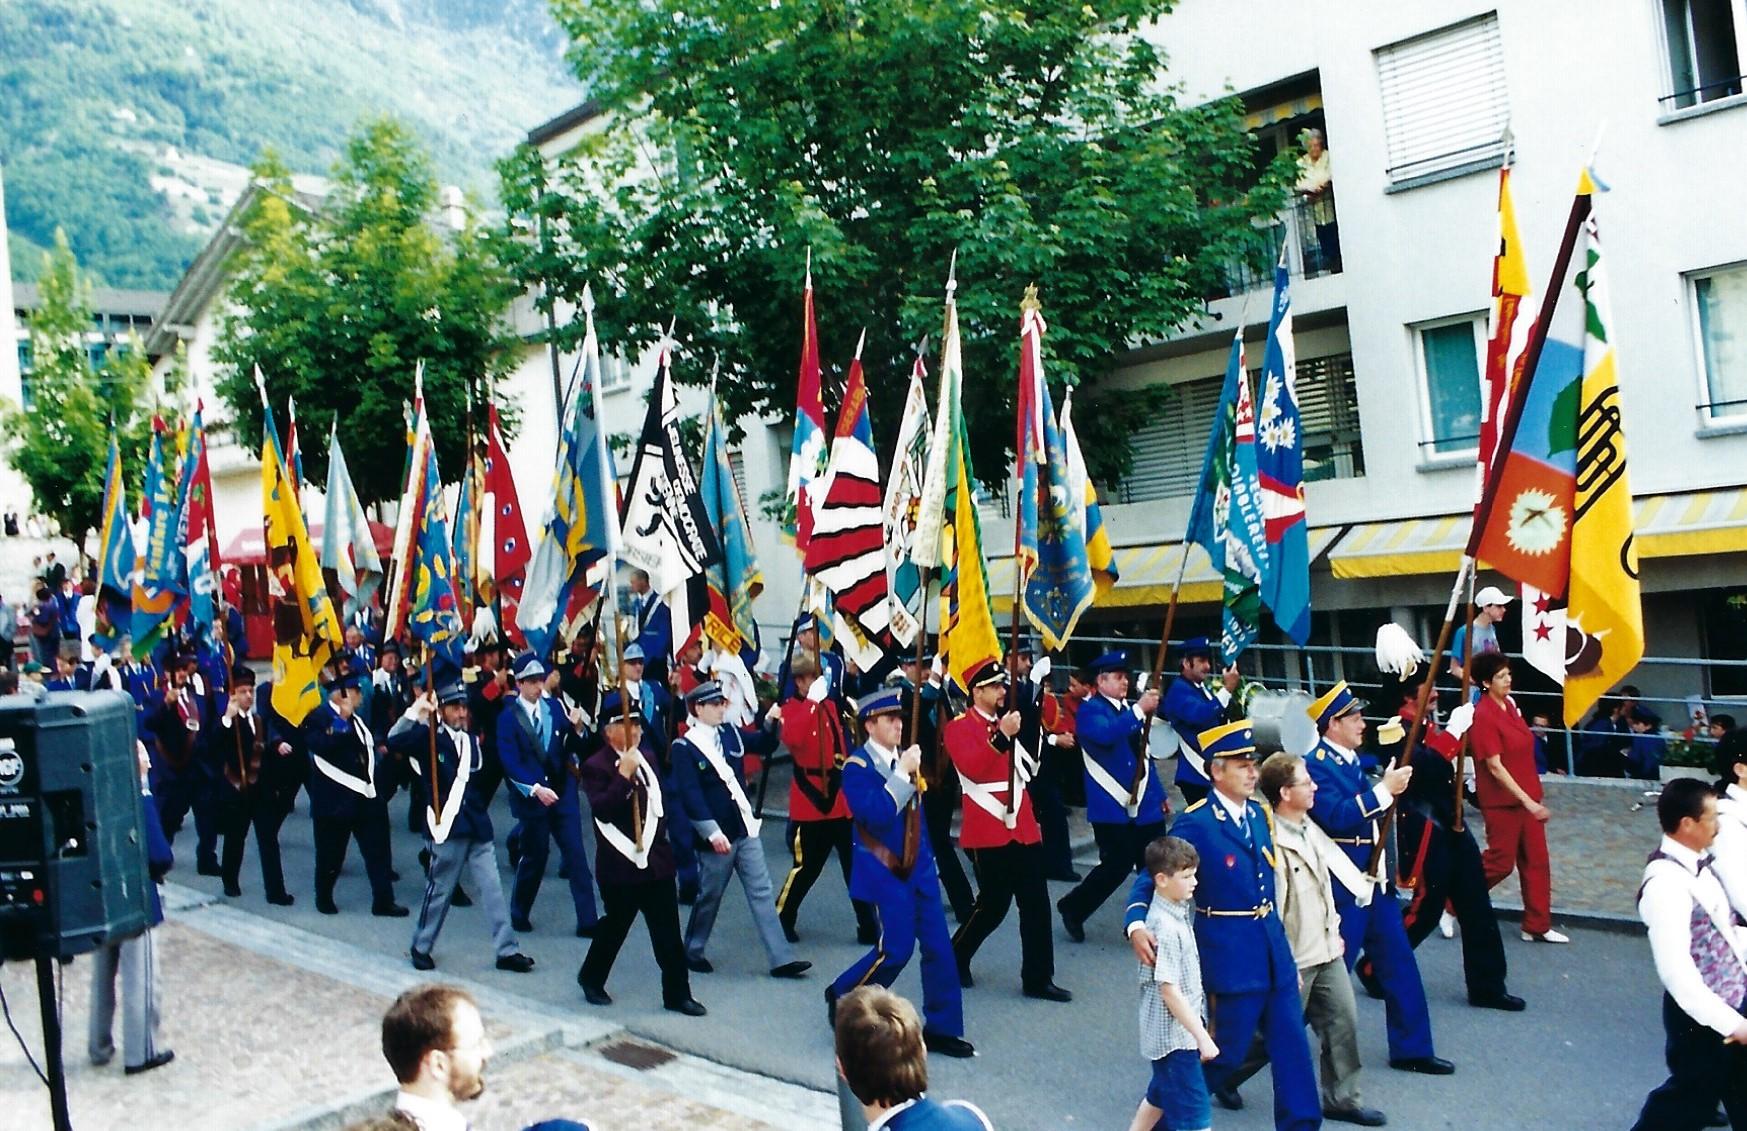 Le défilé des drapeaux lors du festival en 2001